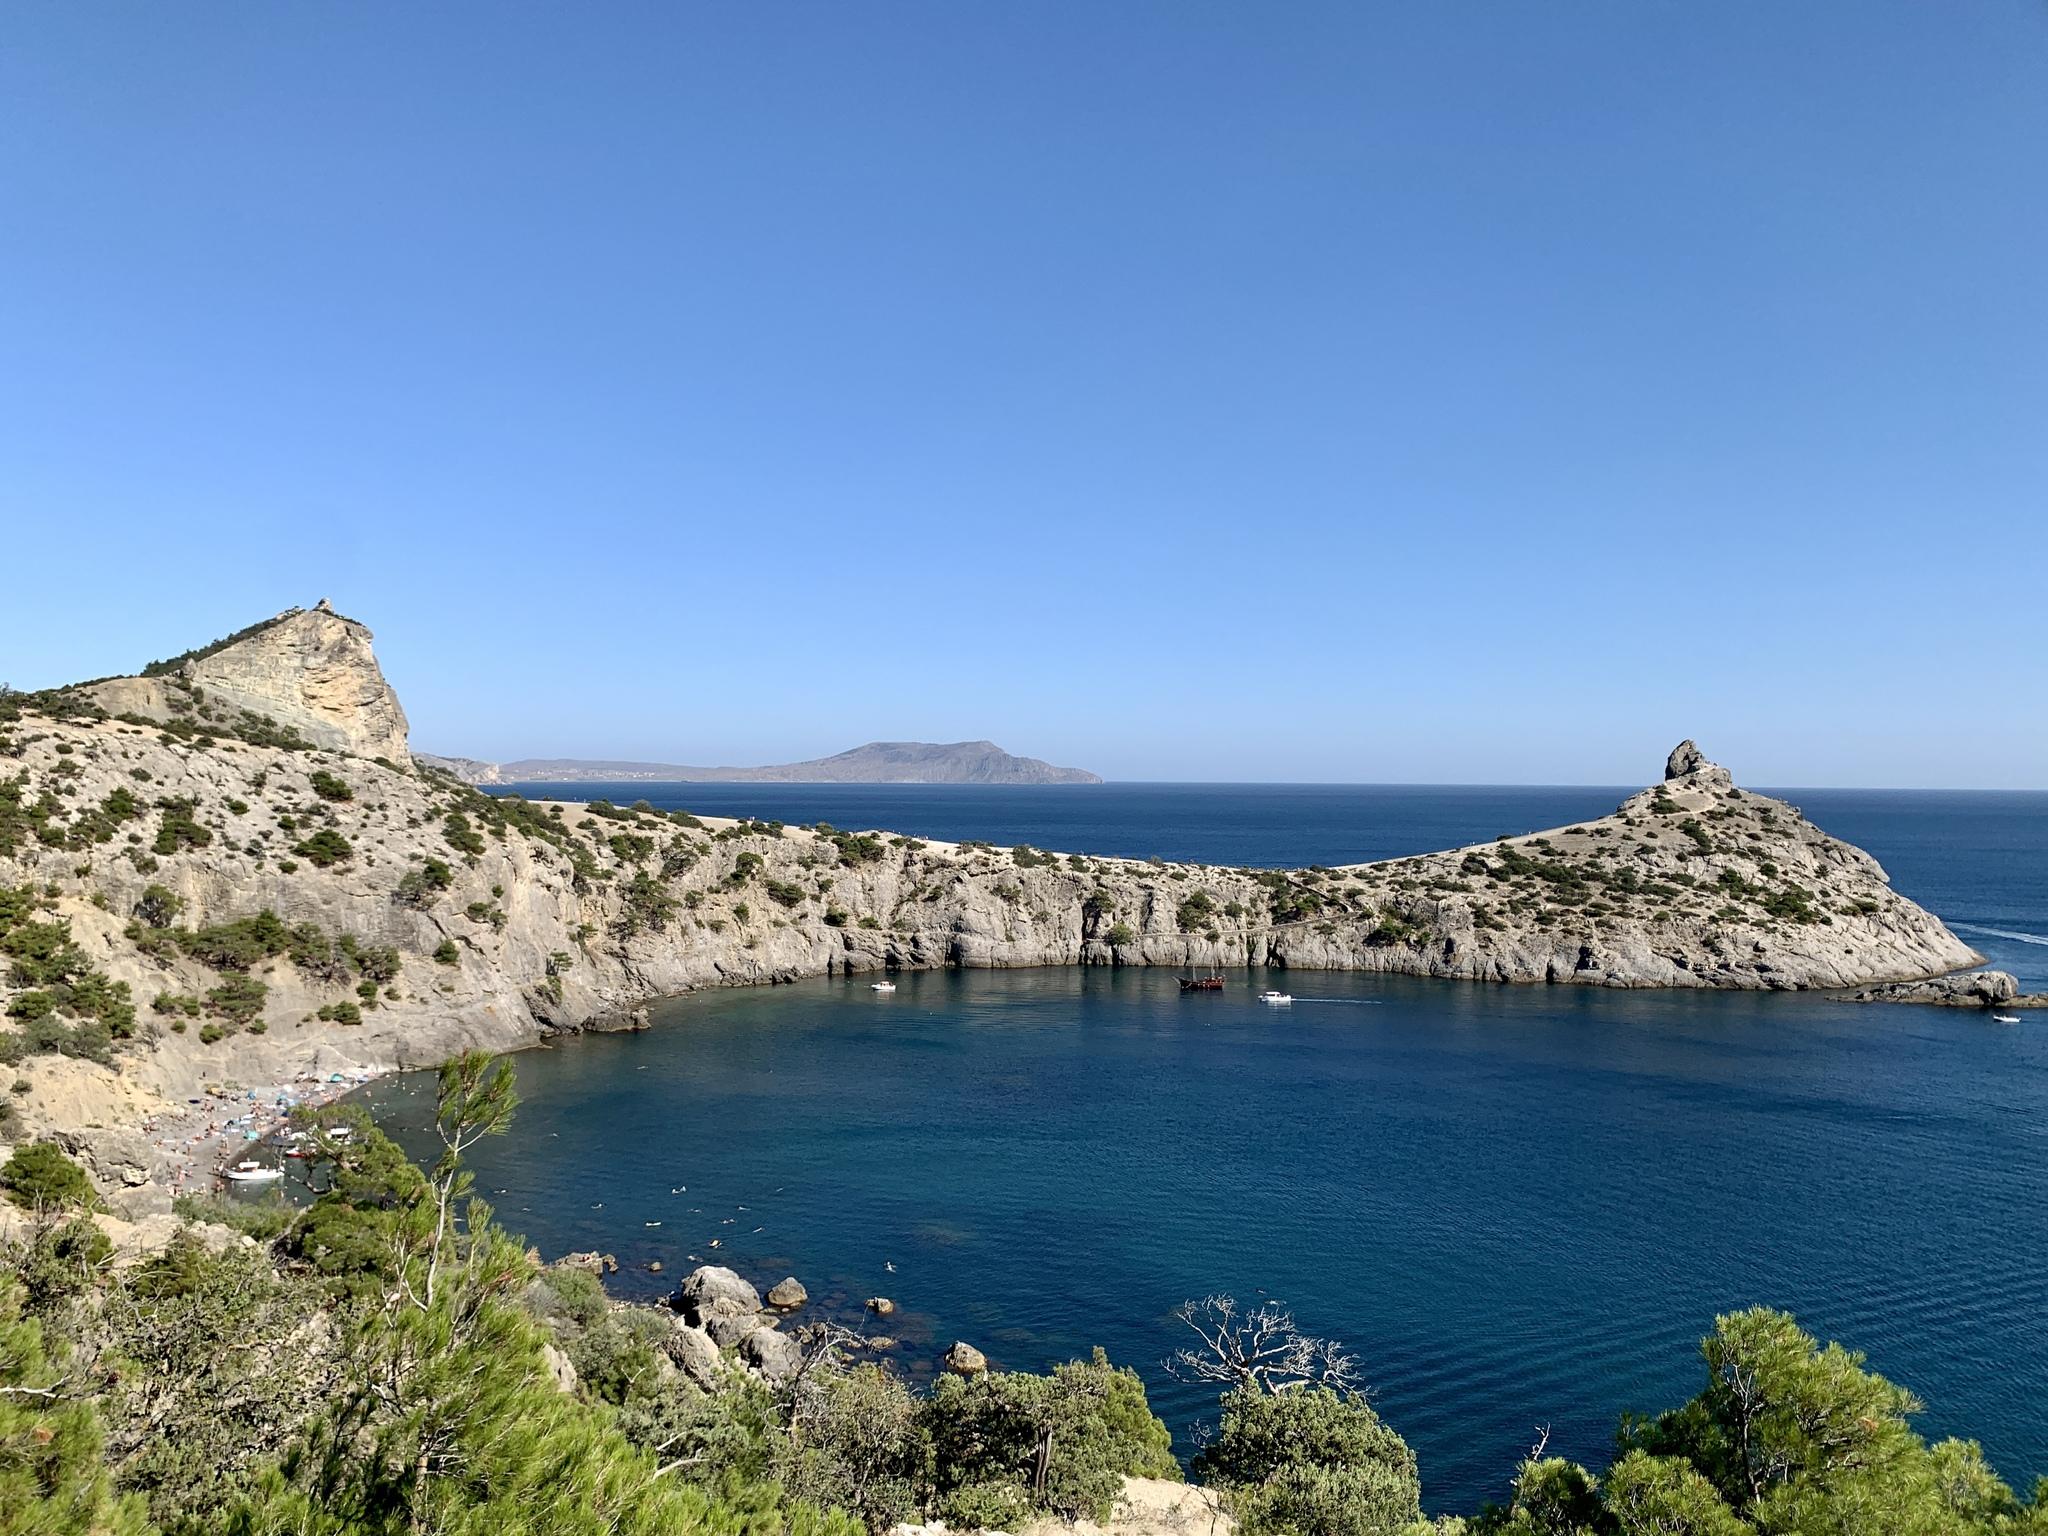 Что посмотреть в Крыму? Топ интересных мест от путешественника